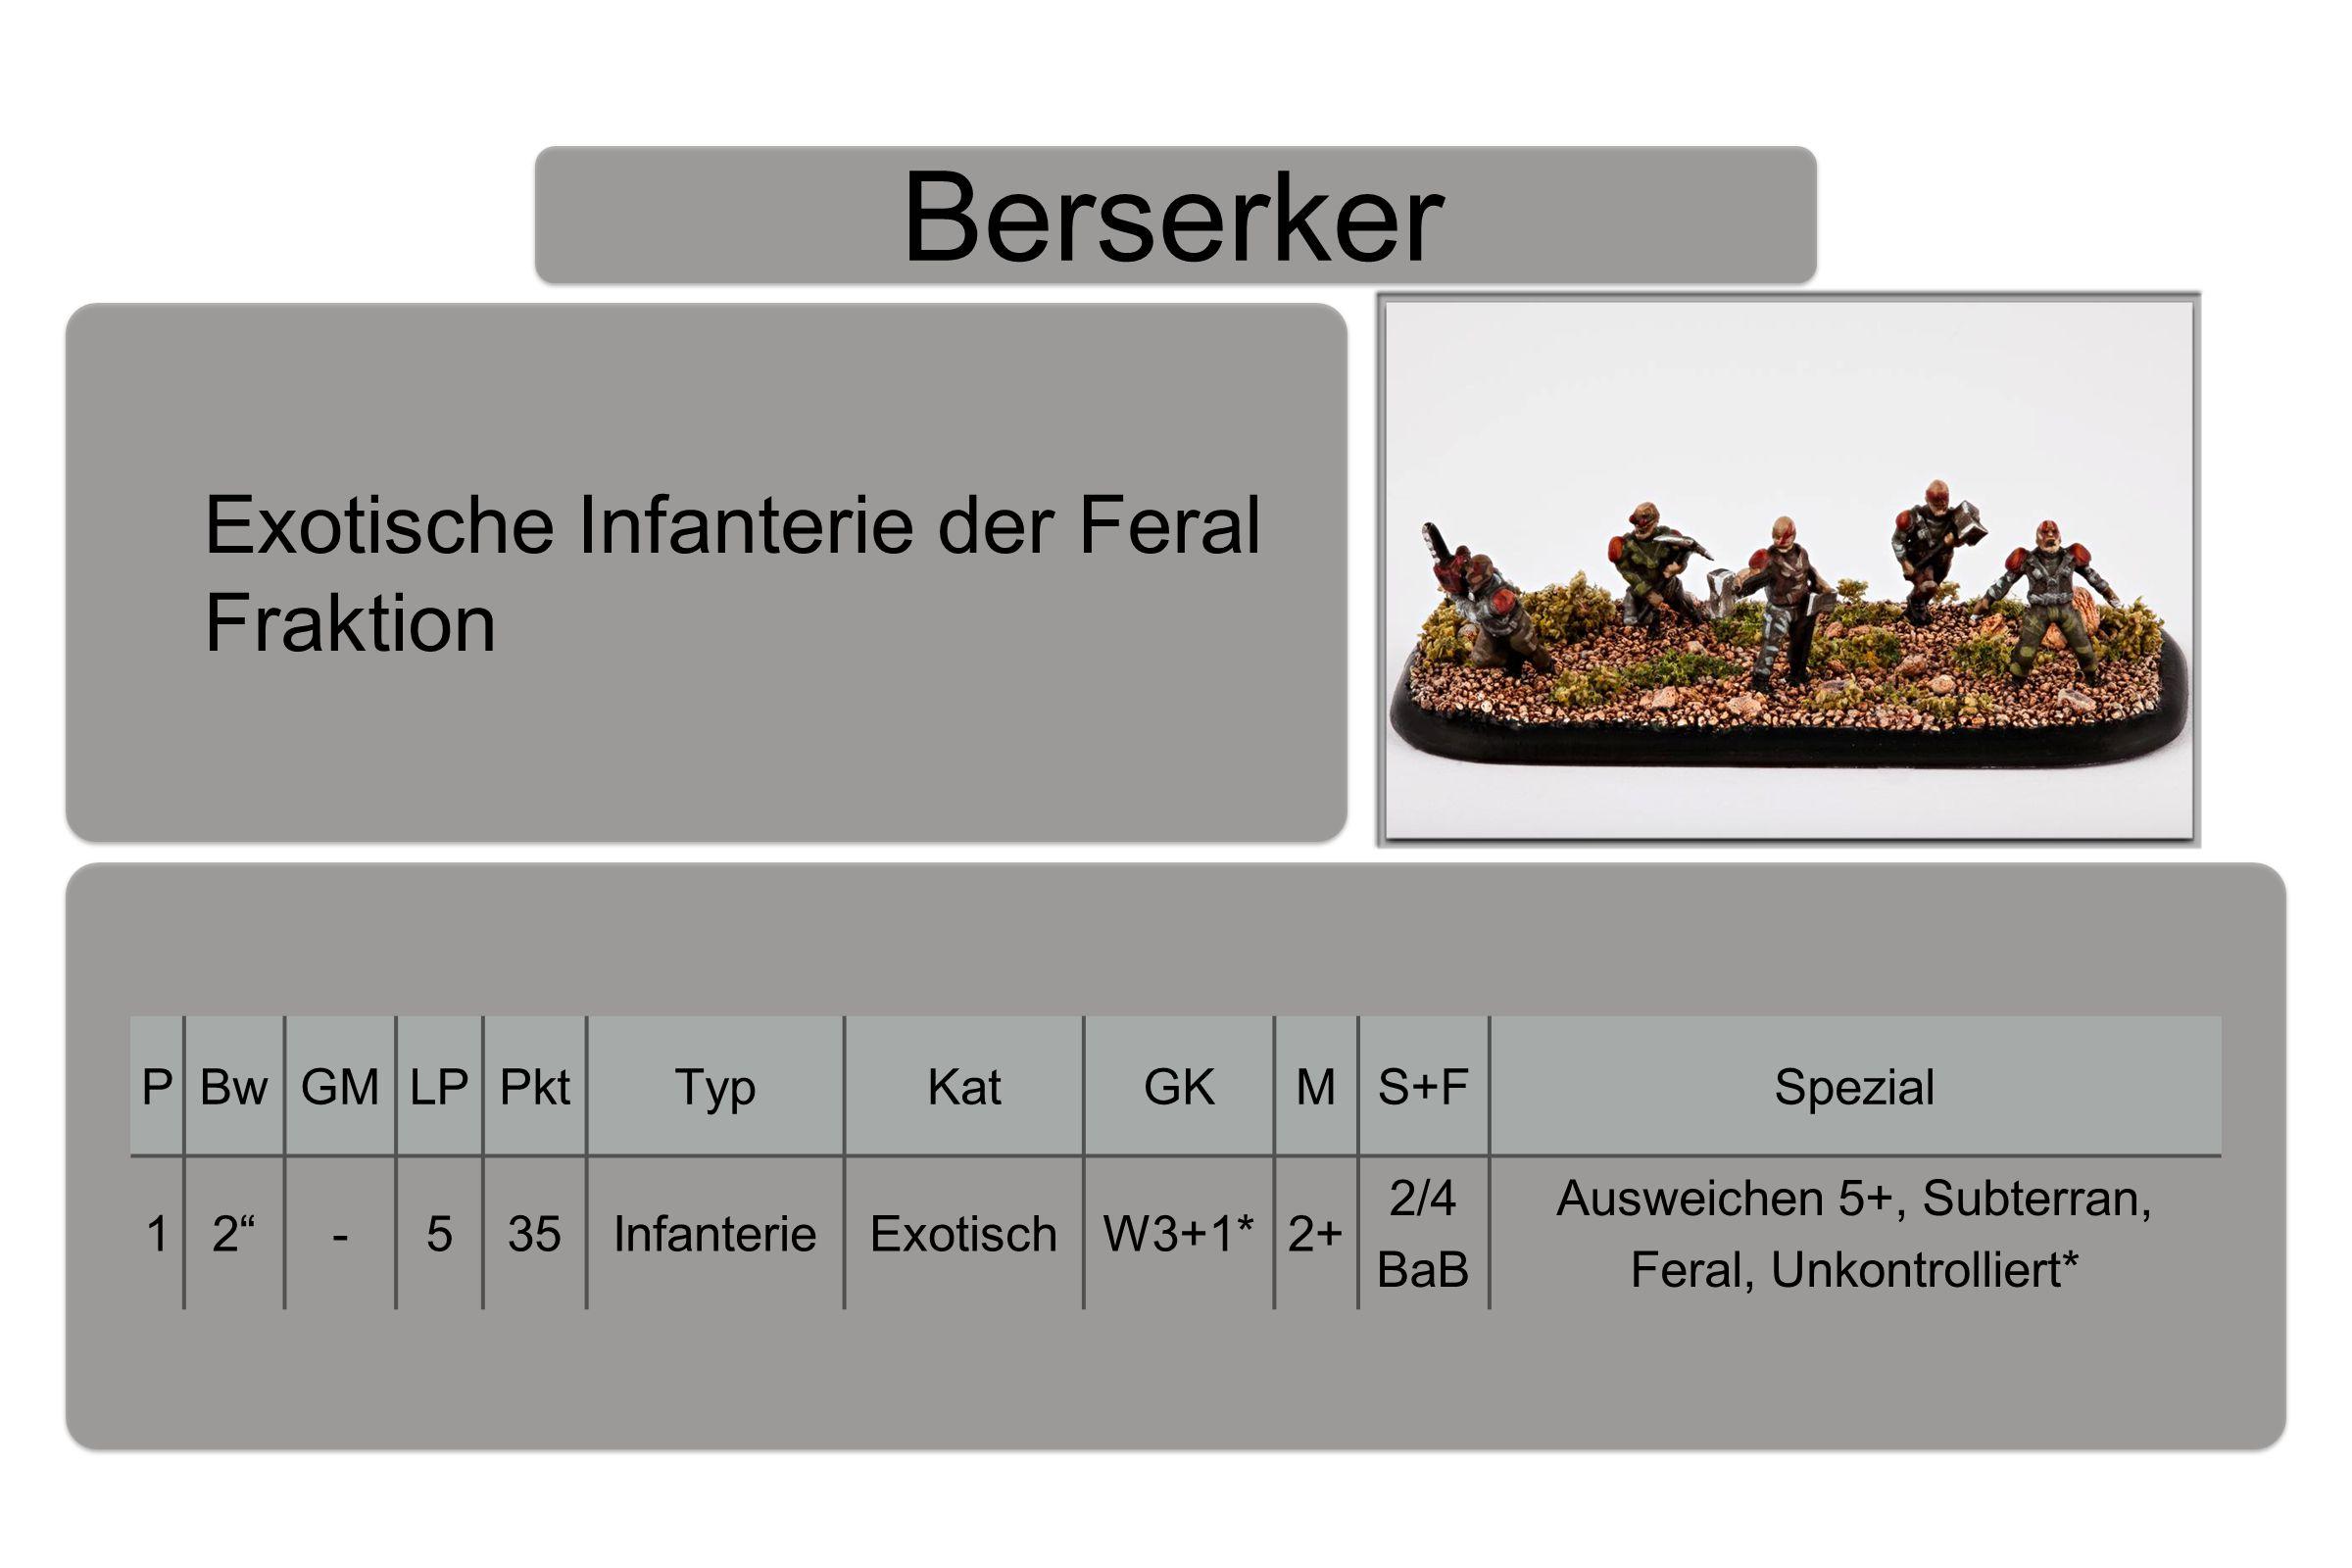 Berserker PBwGMLPPktTypKatGKMS+FSpezial 12 -535InfanterieExotischW3+1*2+ 2/4 BaB Ausweichen 5+, Subterran, Feral, Unkontrolliert* Exotische Infanterie der Feral Fraktion